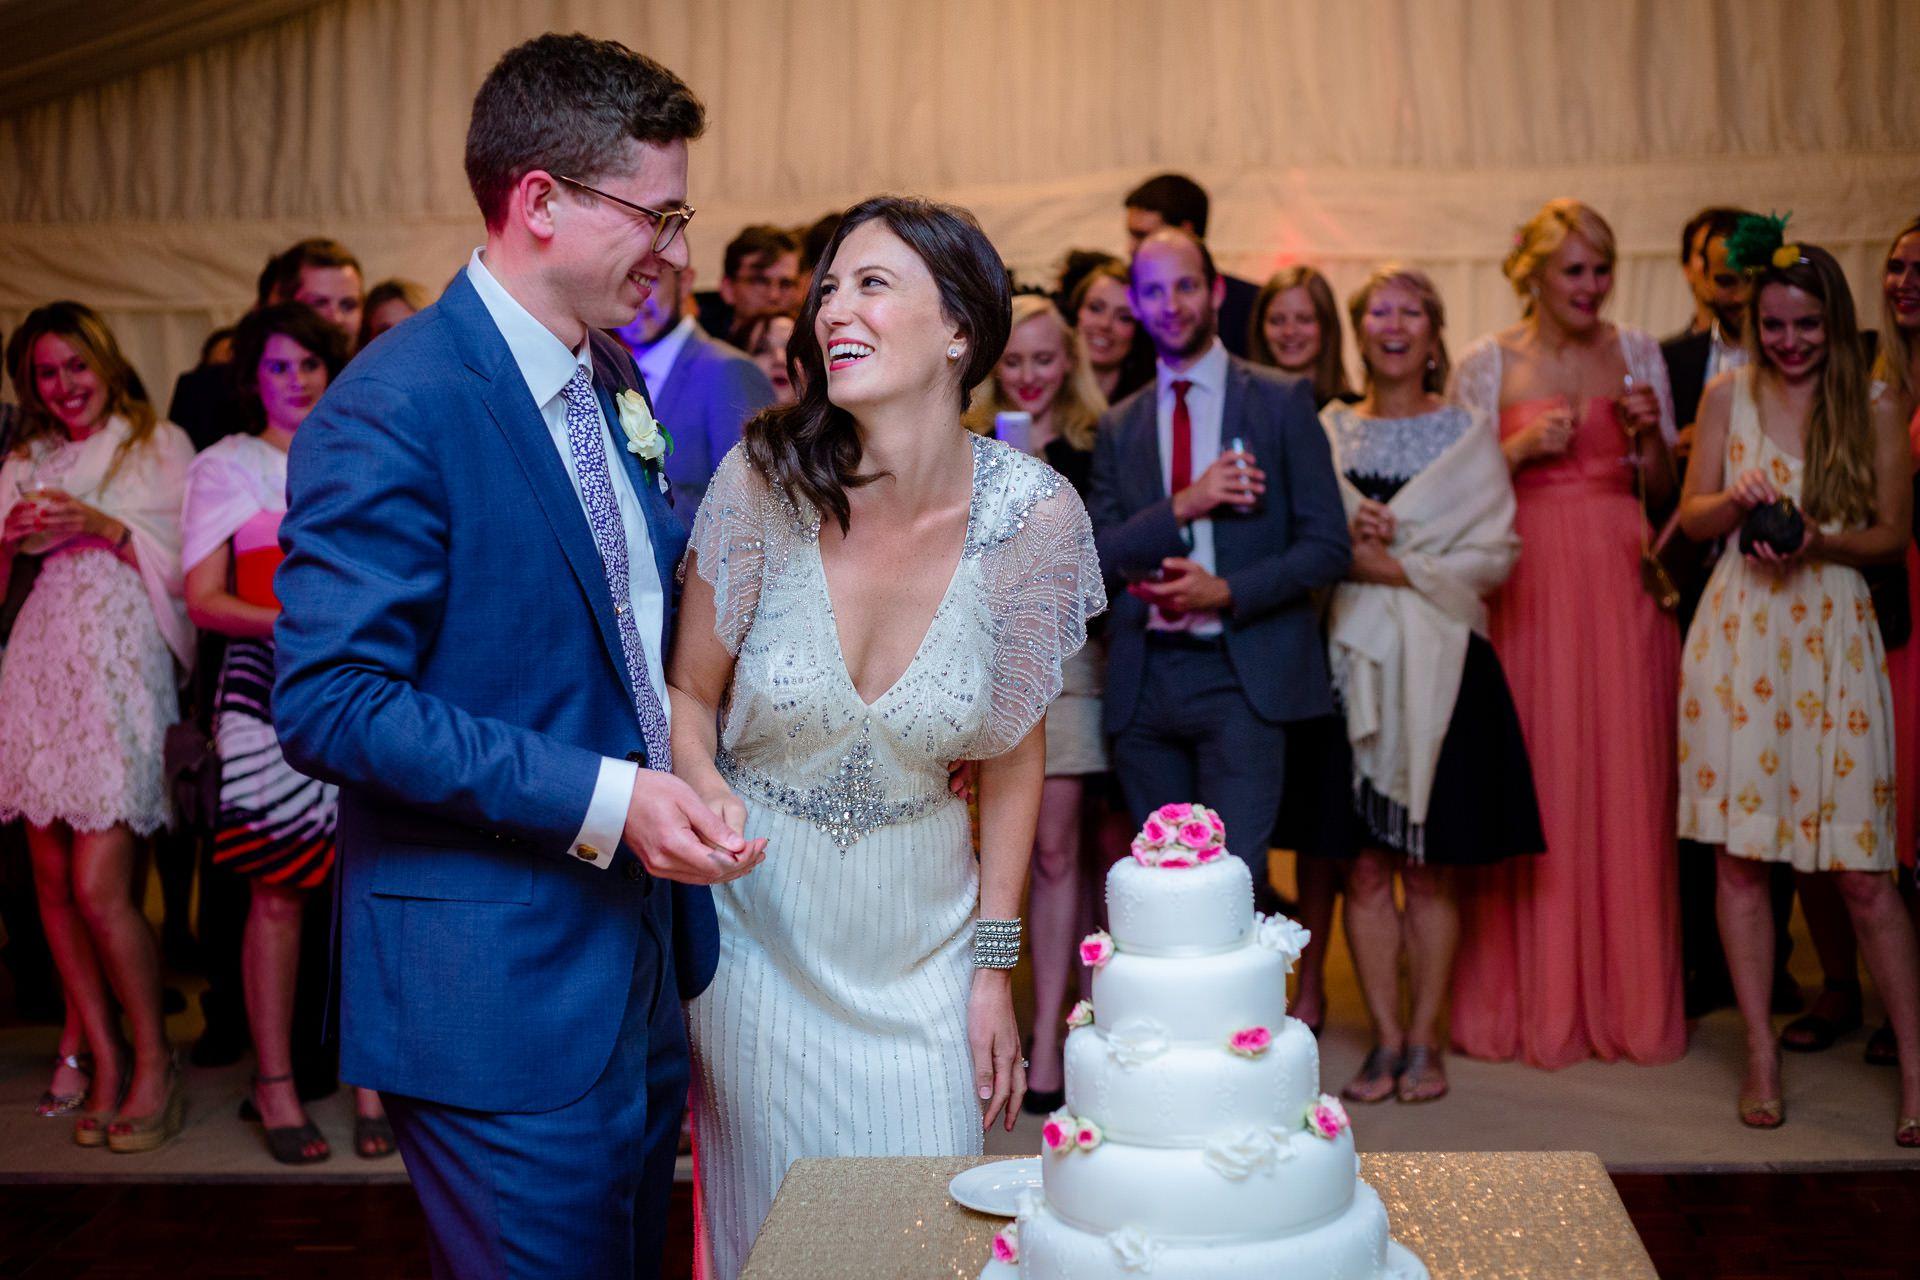 julia and rob and the wedding cake